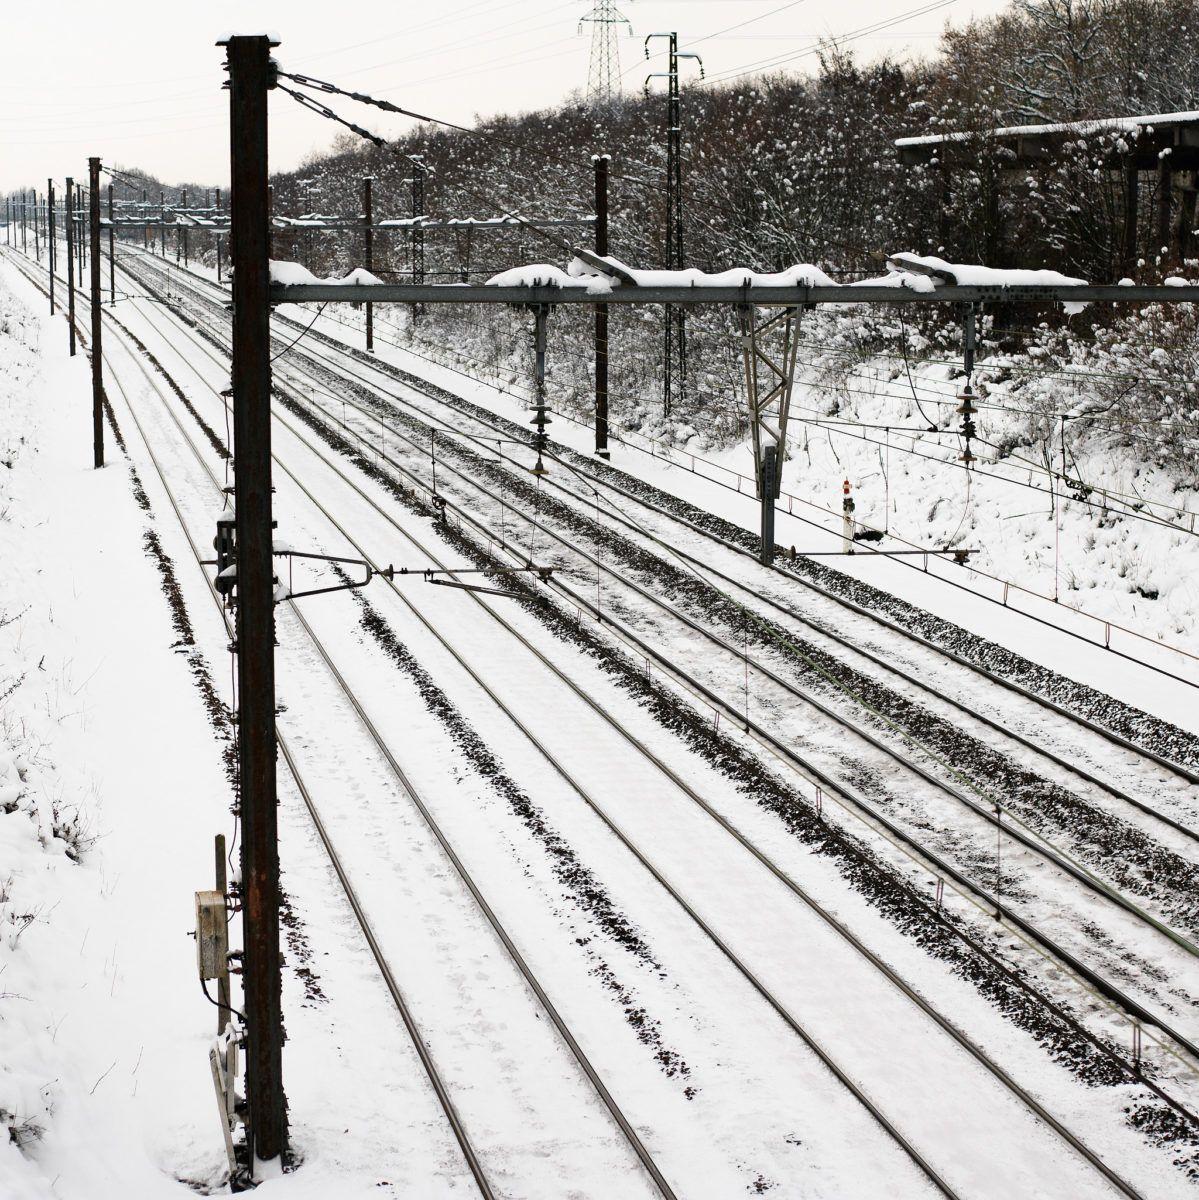 Neige paysage graphique rail train gare